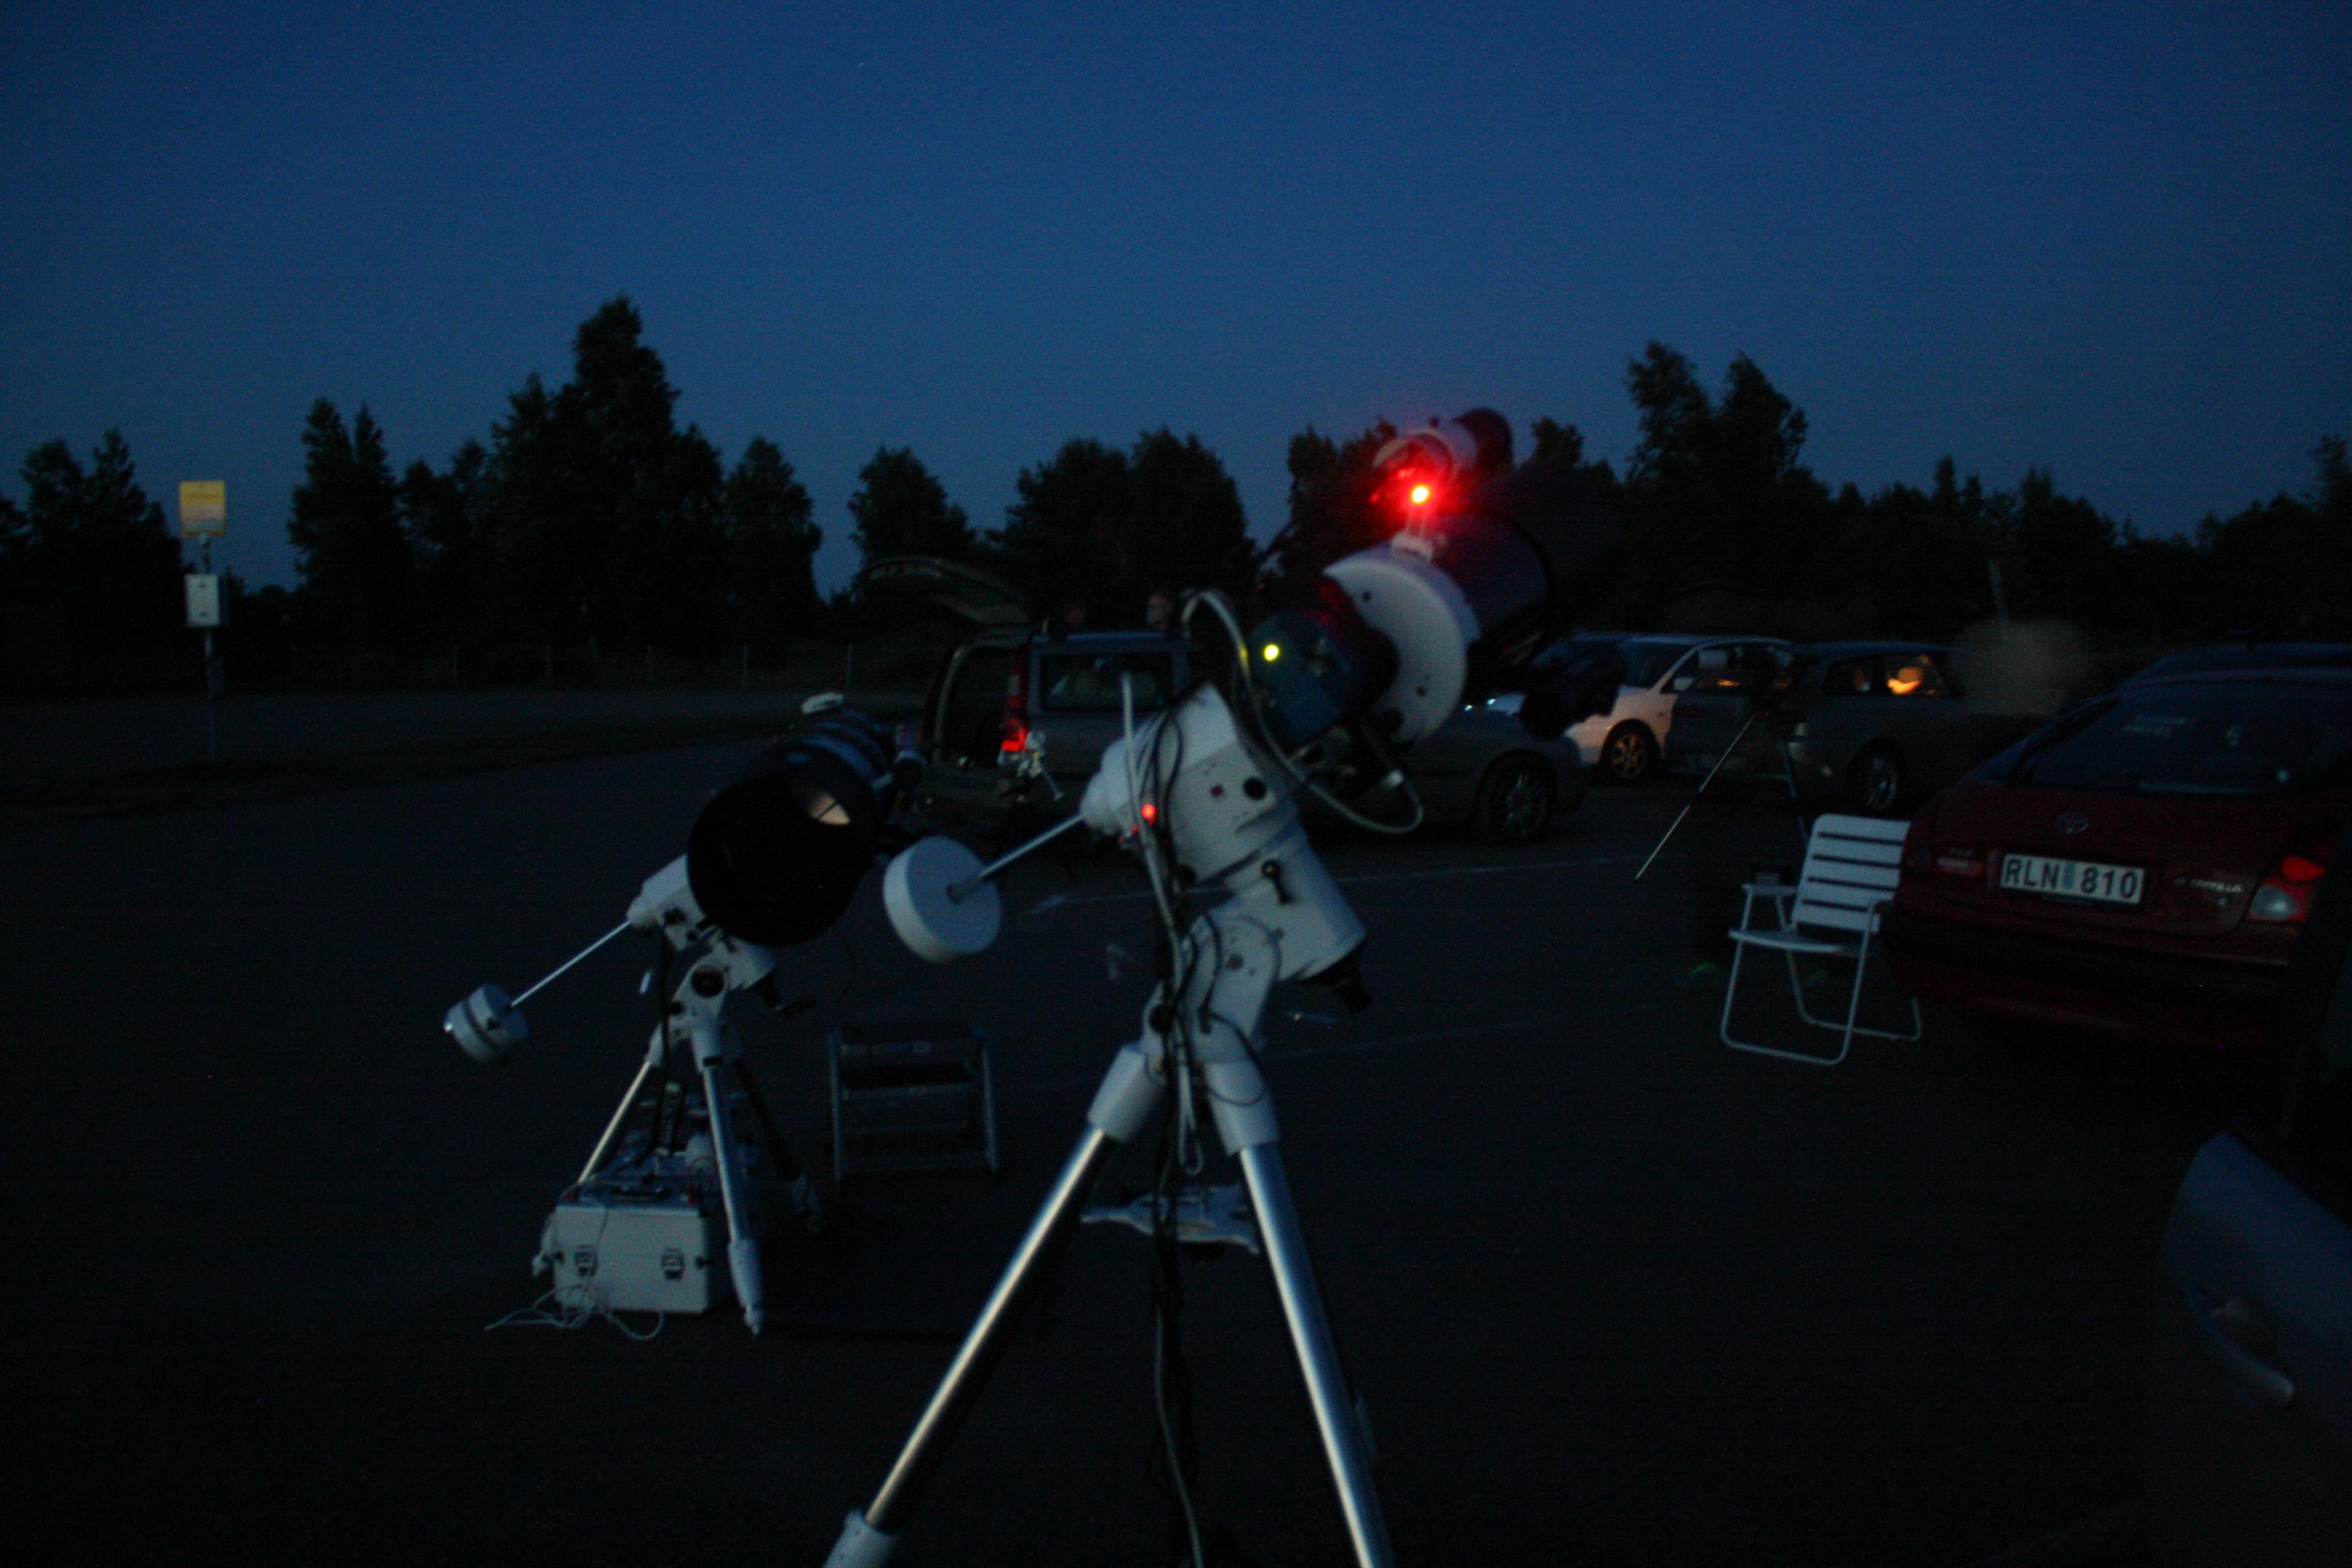 Sagittarius 2014 på södra Öland och sensommarnatten är strax här.